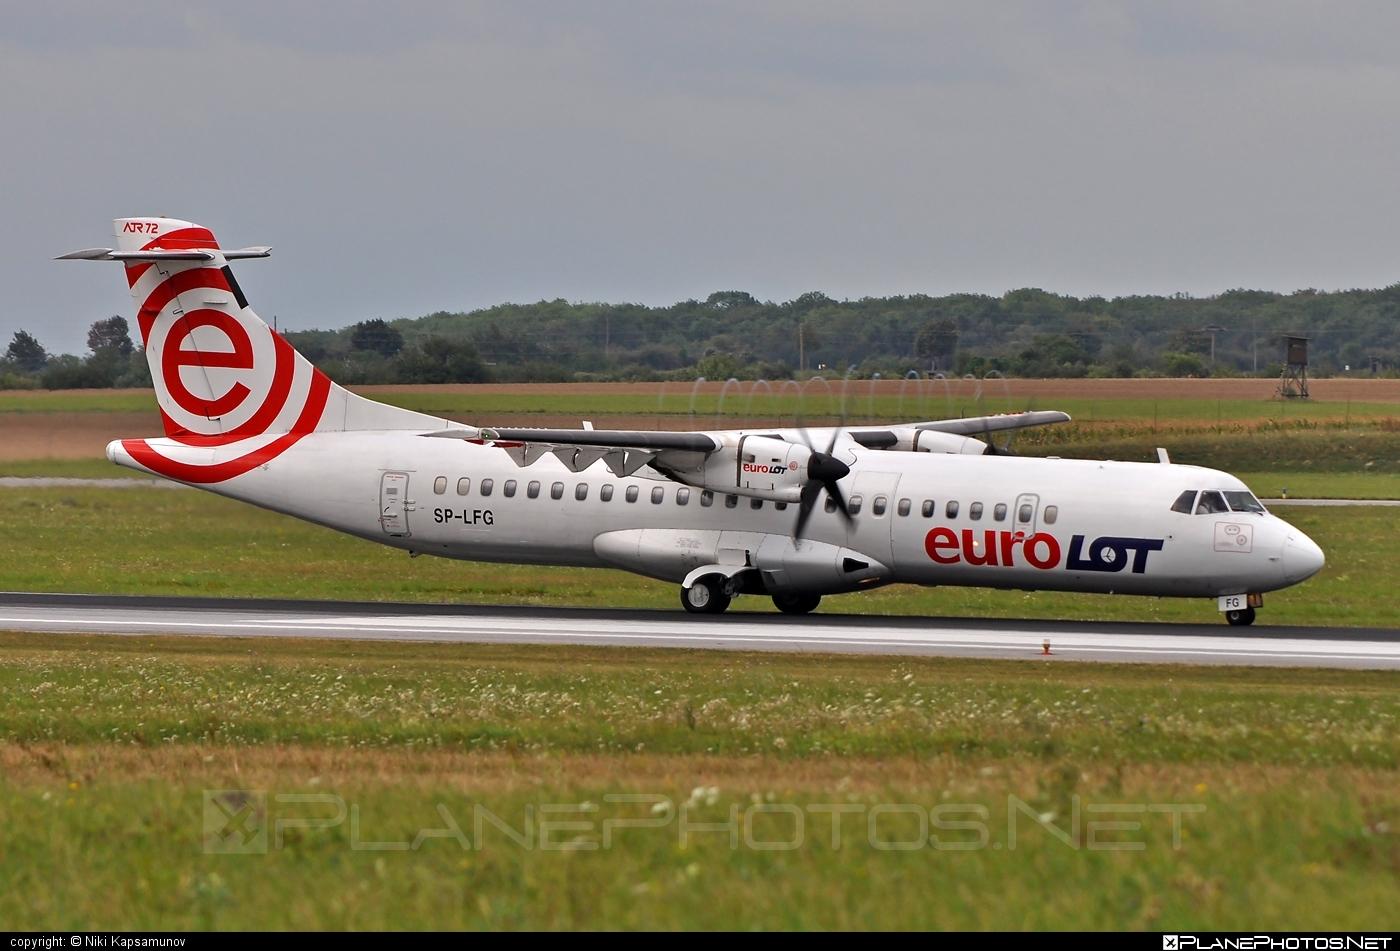 ATR 72-202 - SP-LFG operated by EuroLOT #atr